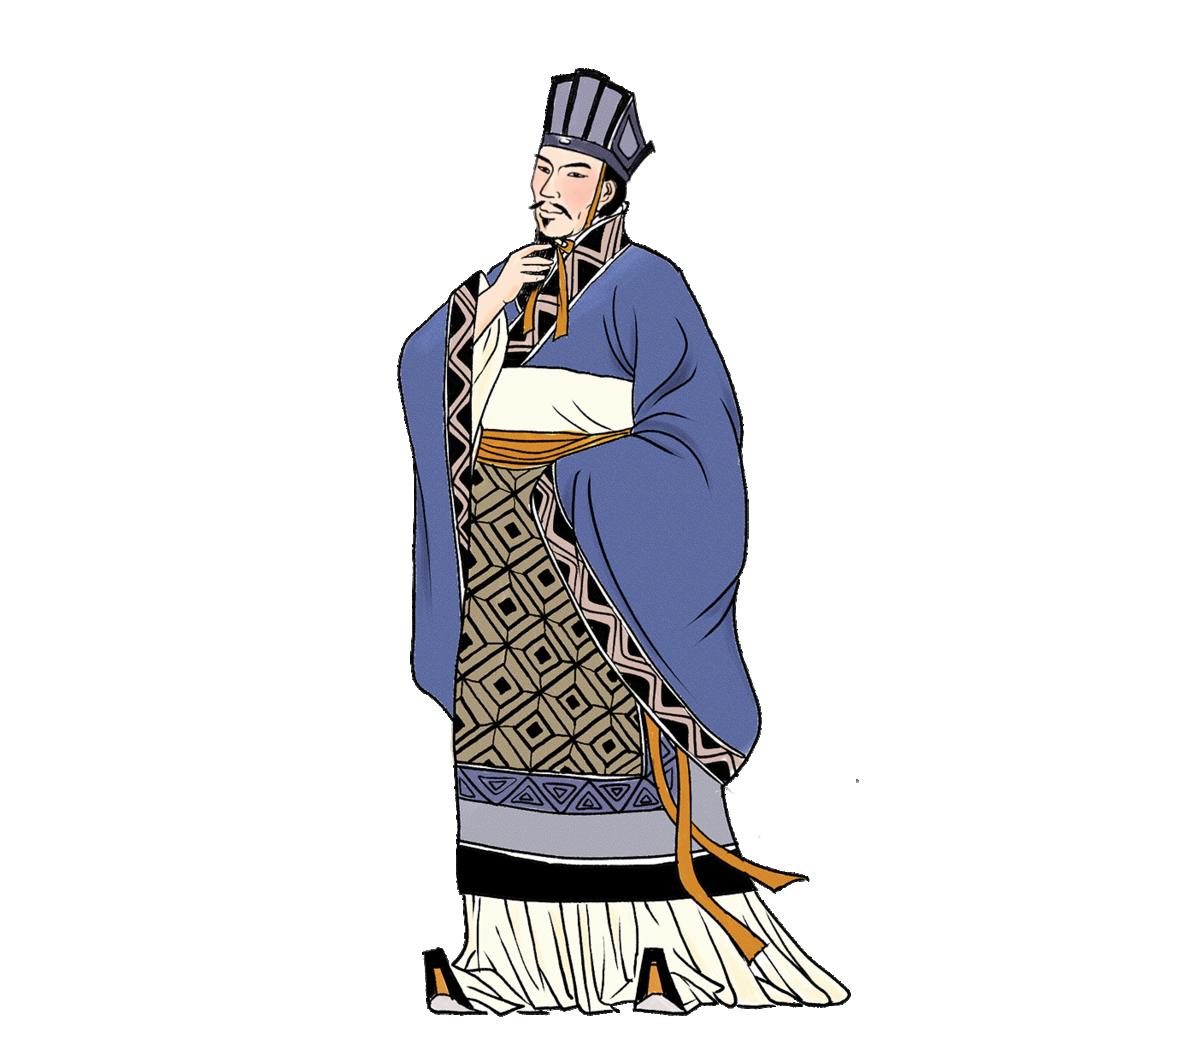 ▲ 叔孫通,西漢初期儒家學者,曾協助漢高祖制定漢朝的宮廷禮儀。